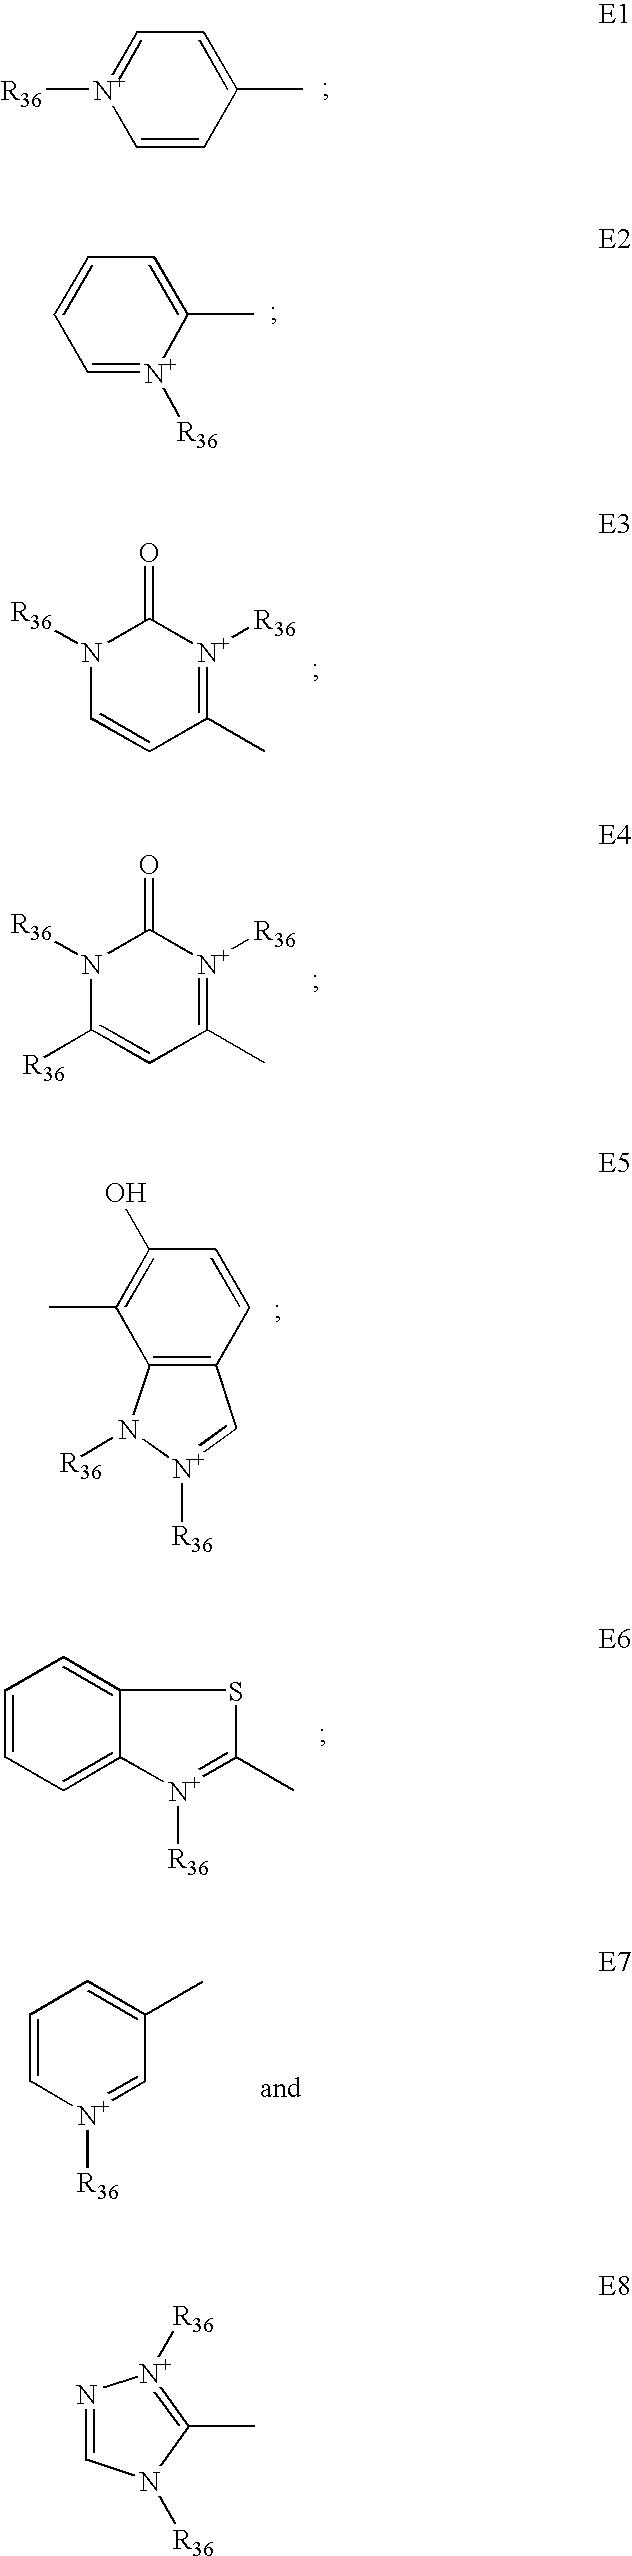 Figure US06702863-20040309-C00018